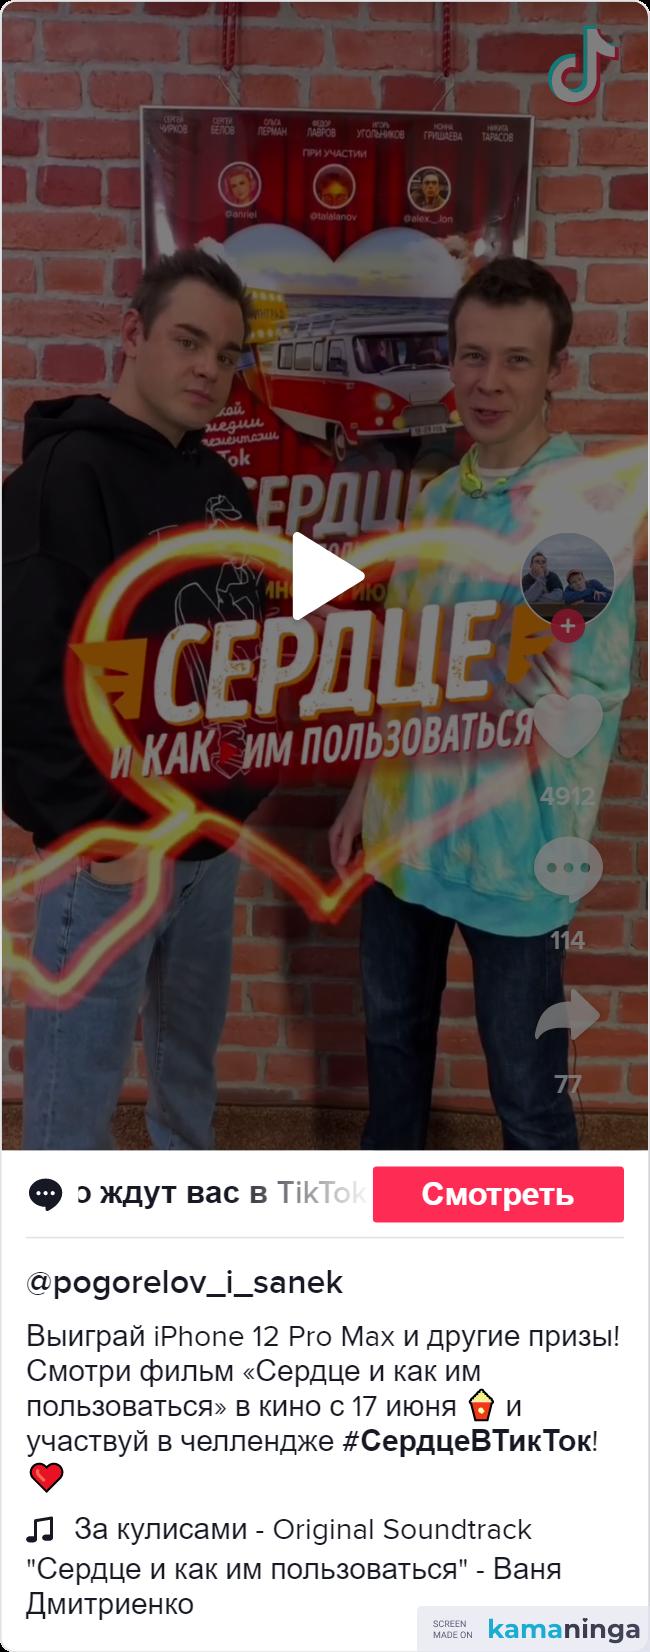 https://www.tiktok.com/@pogorelov_i_sanek/video/6972575617380306178